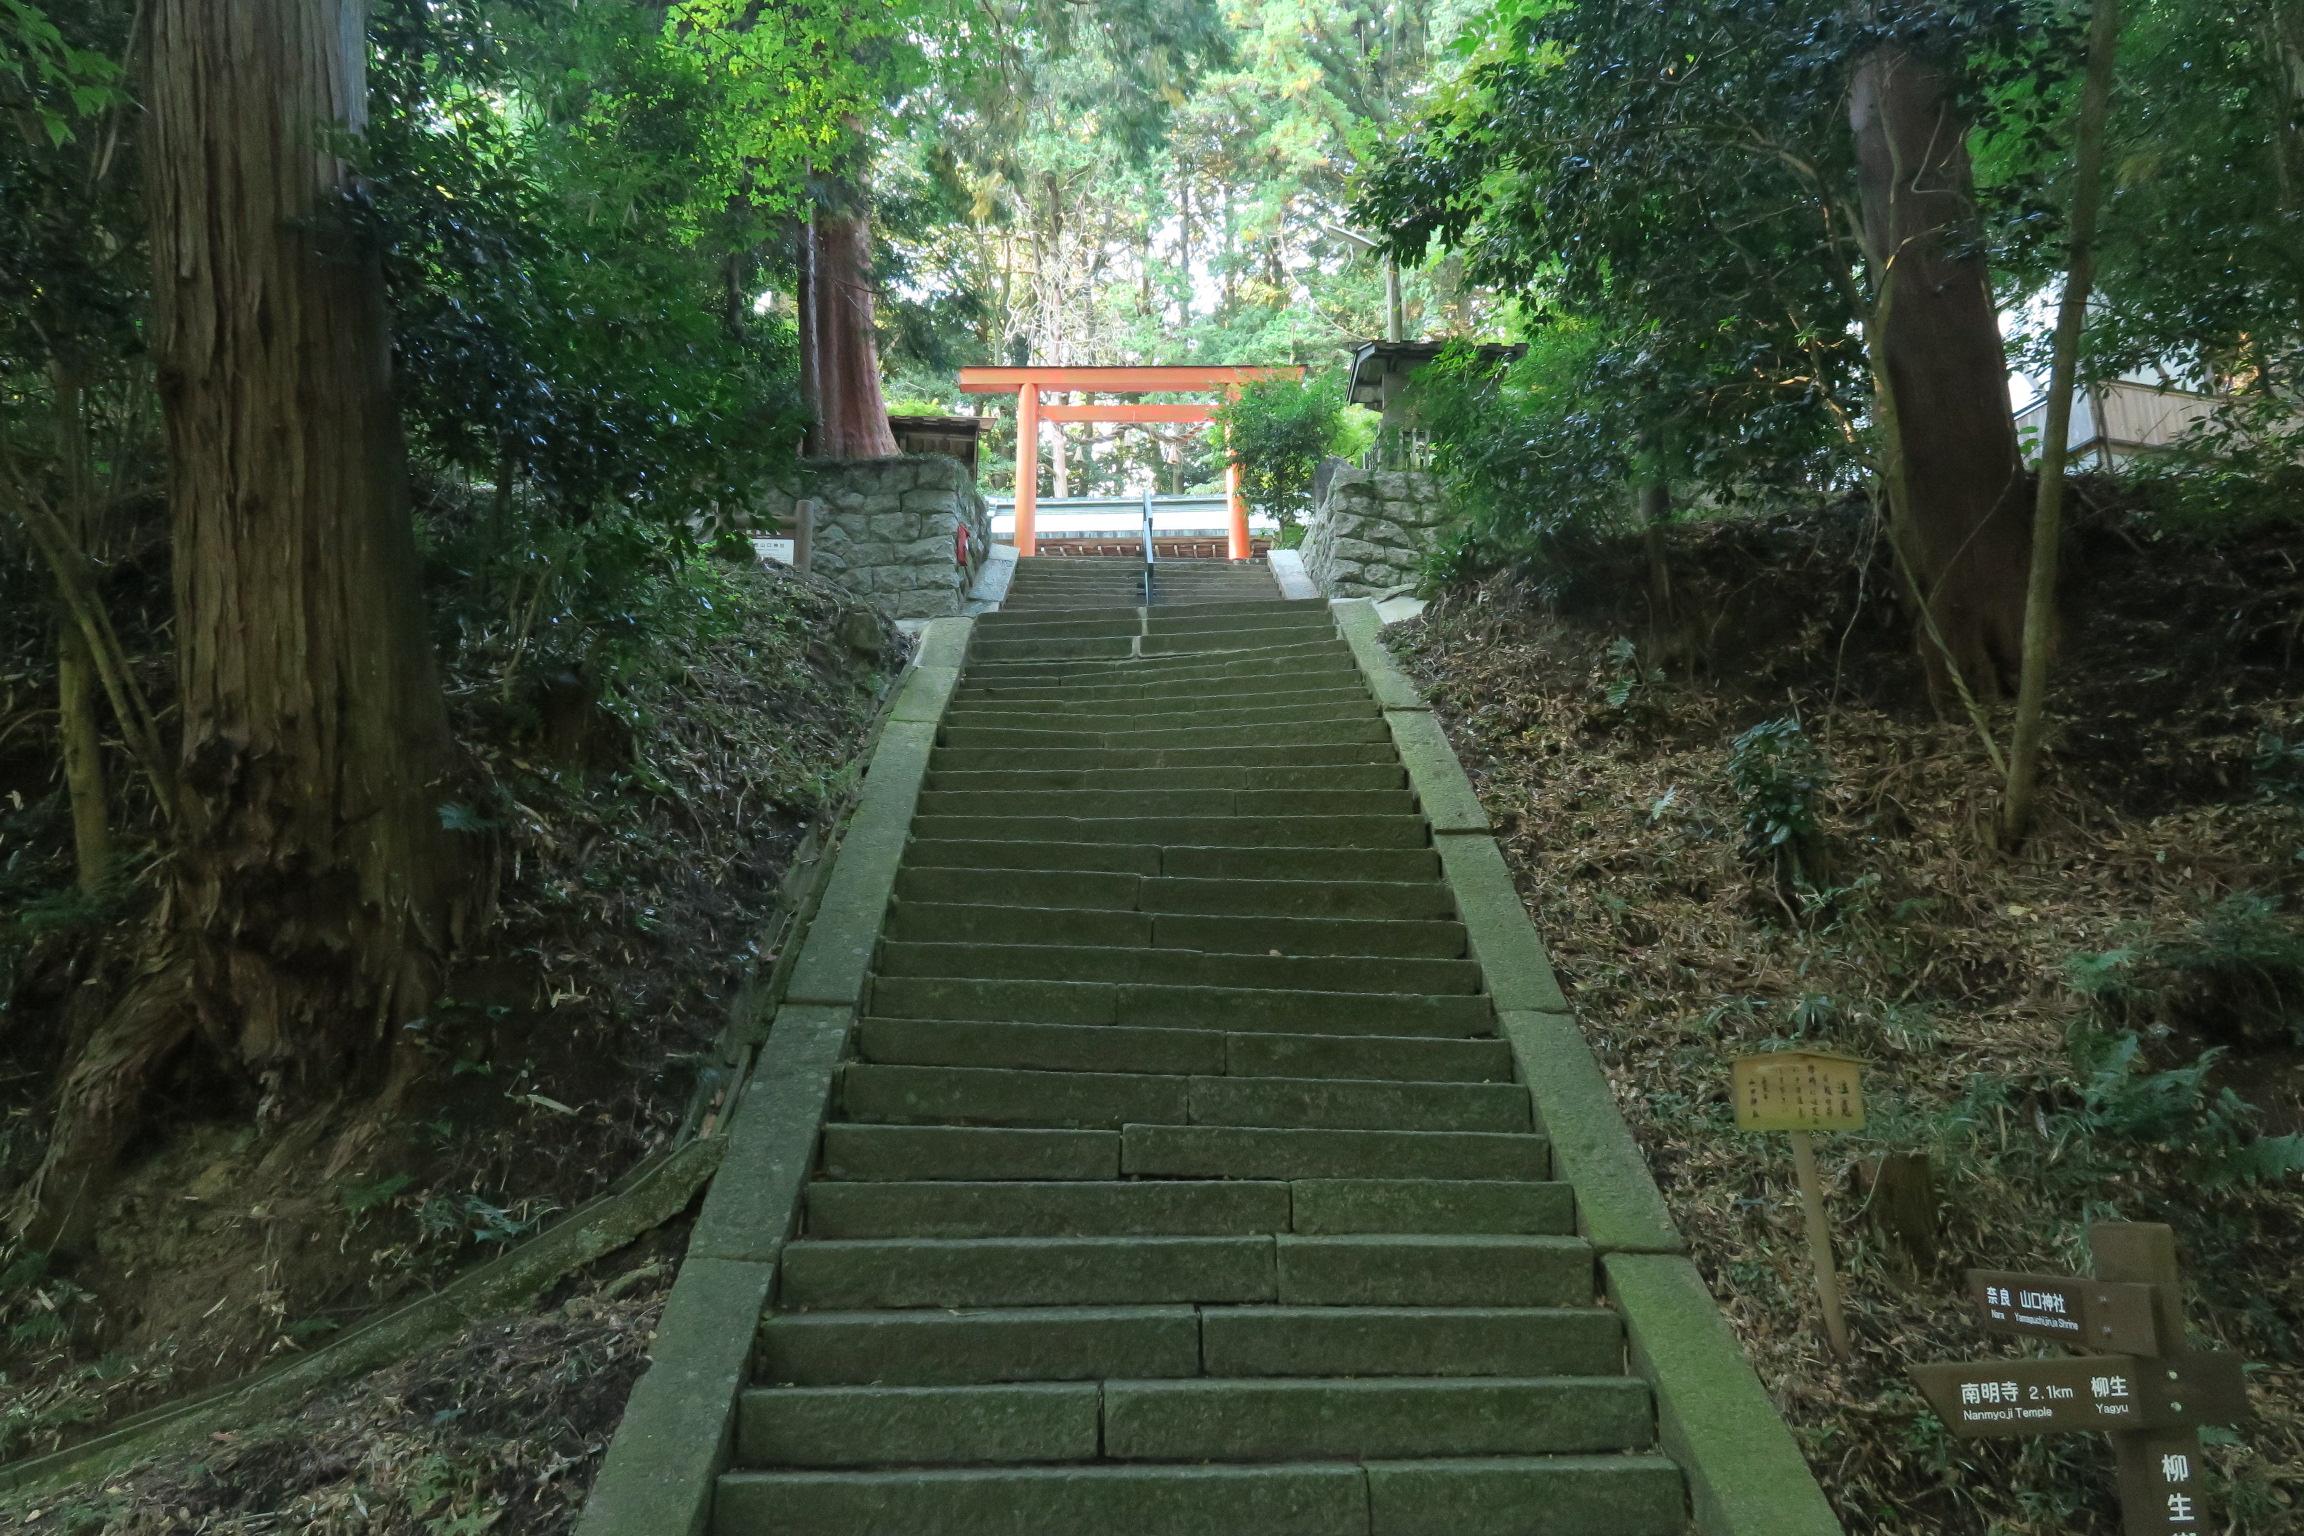 円成寺近郊も紅葉のきれいな所がないか探してみました。まずは「夜支布山口神社」。